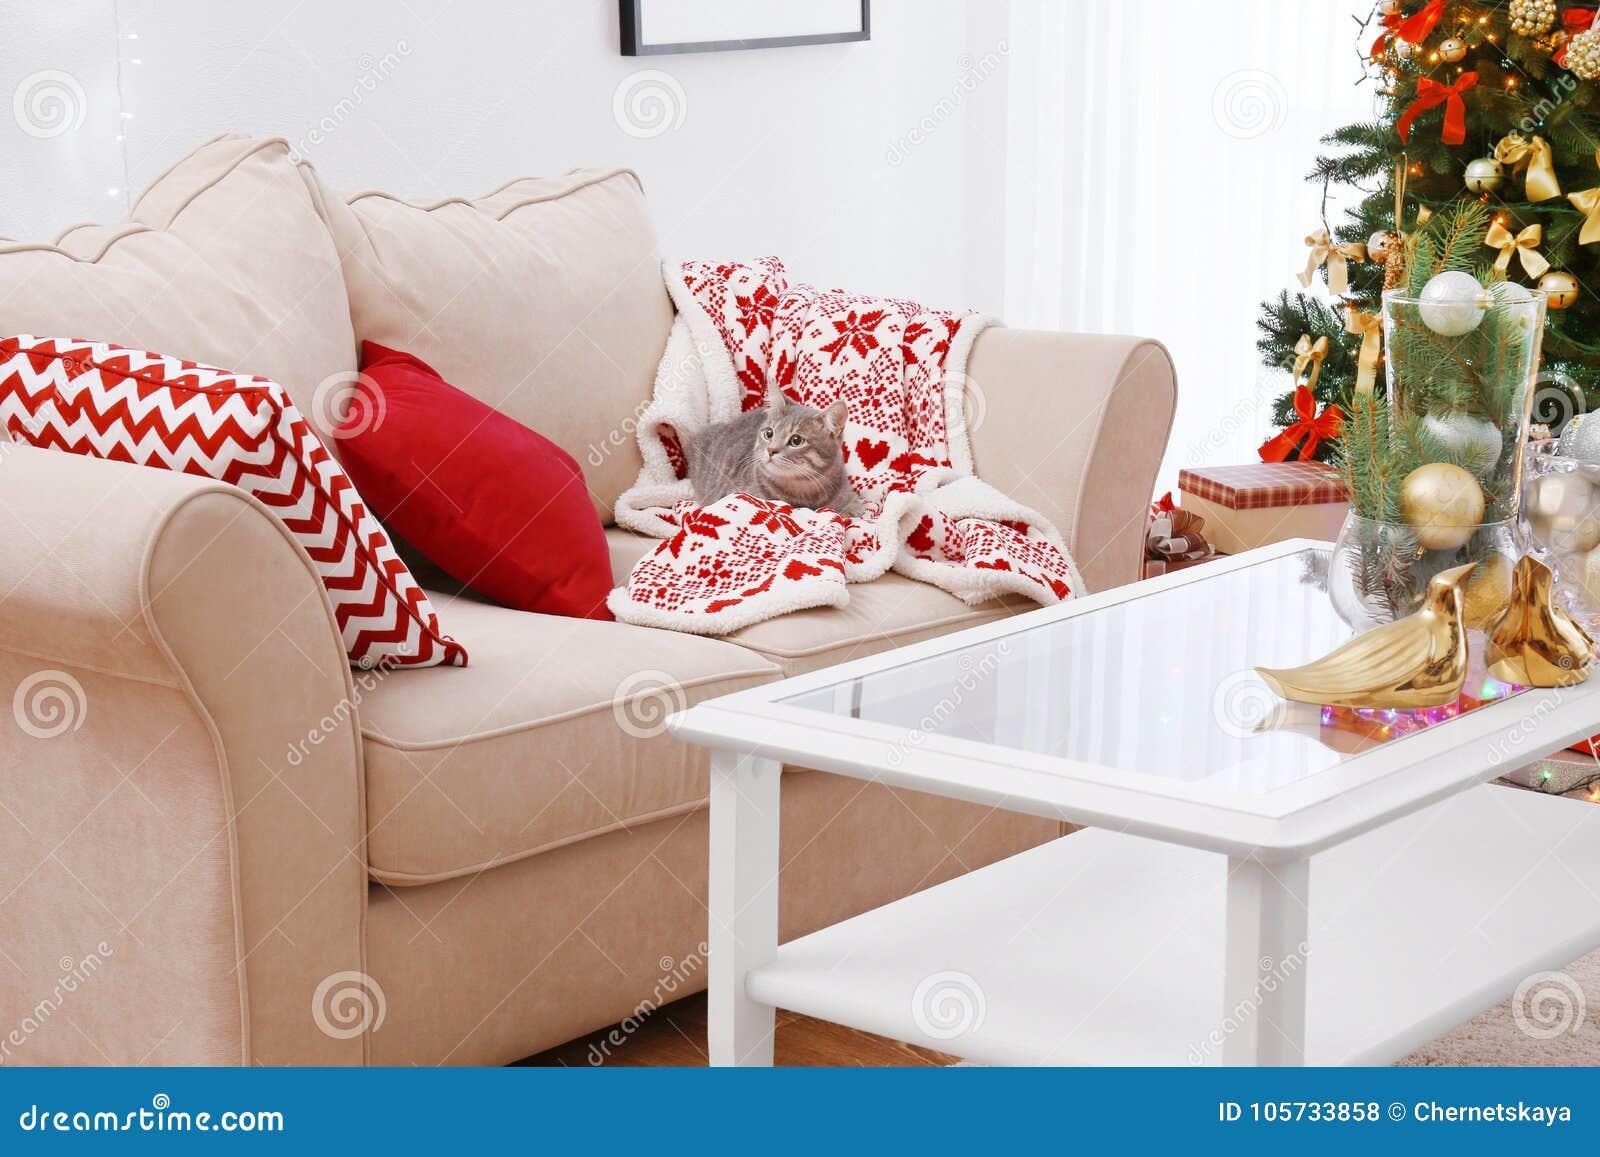 Katze, die auf Sofa im Raum verziert für Weihnachten liegt